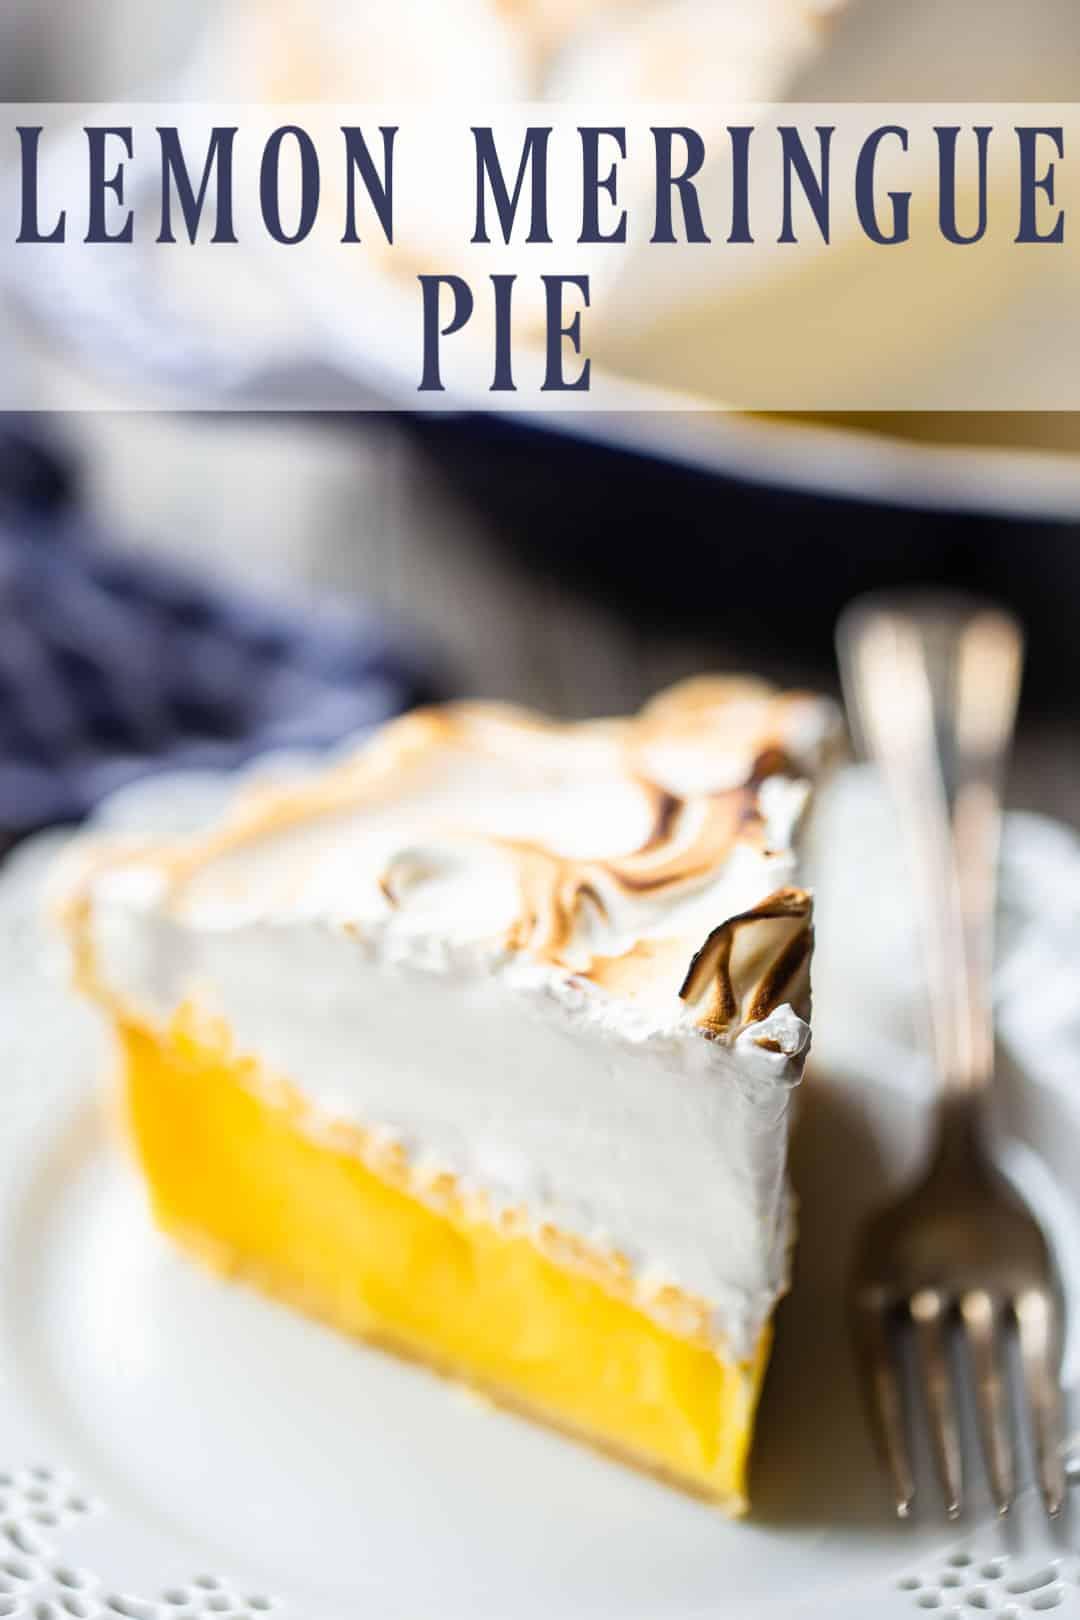 """Receta de pastel de merengue de limón, preparada, en rodajas y servida en un plato con una superposición de texto arriba que dice """"Pastel de merengue de limón""""."""